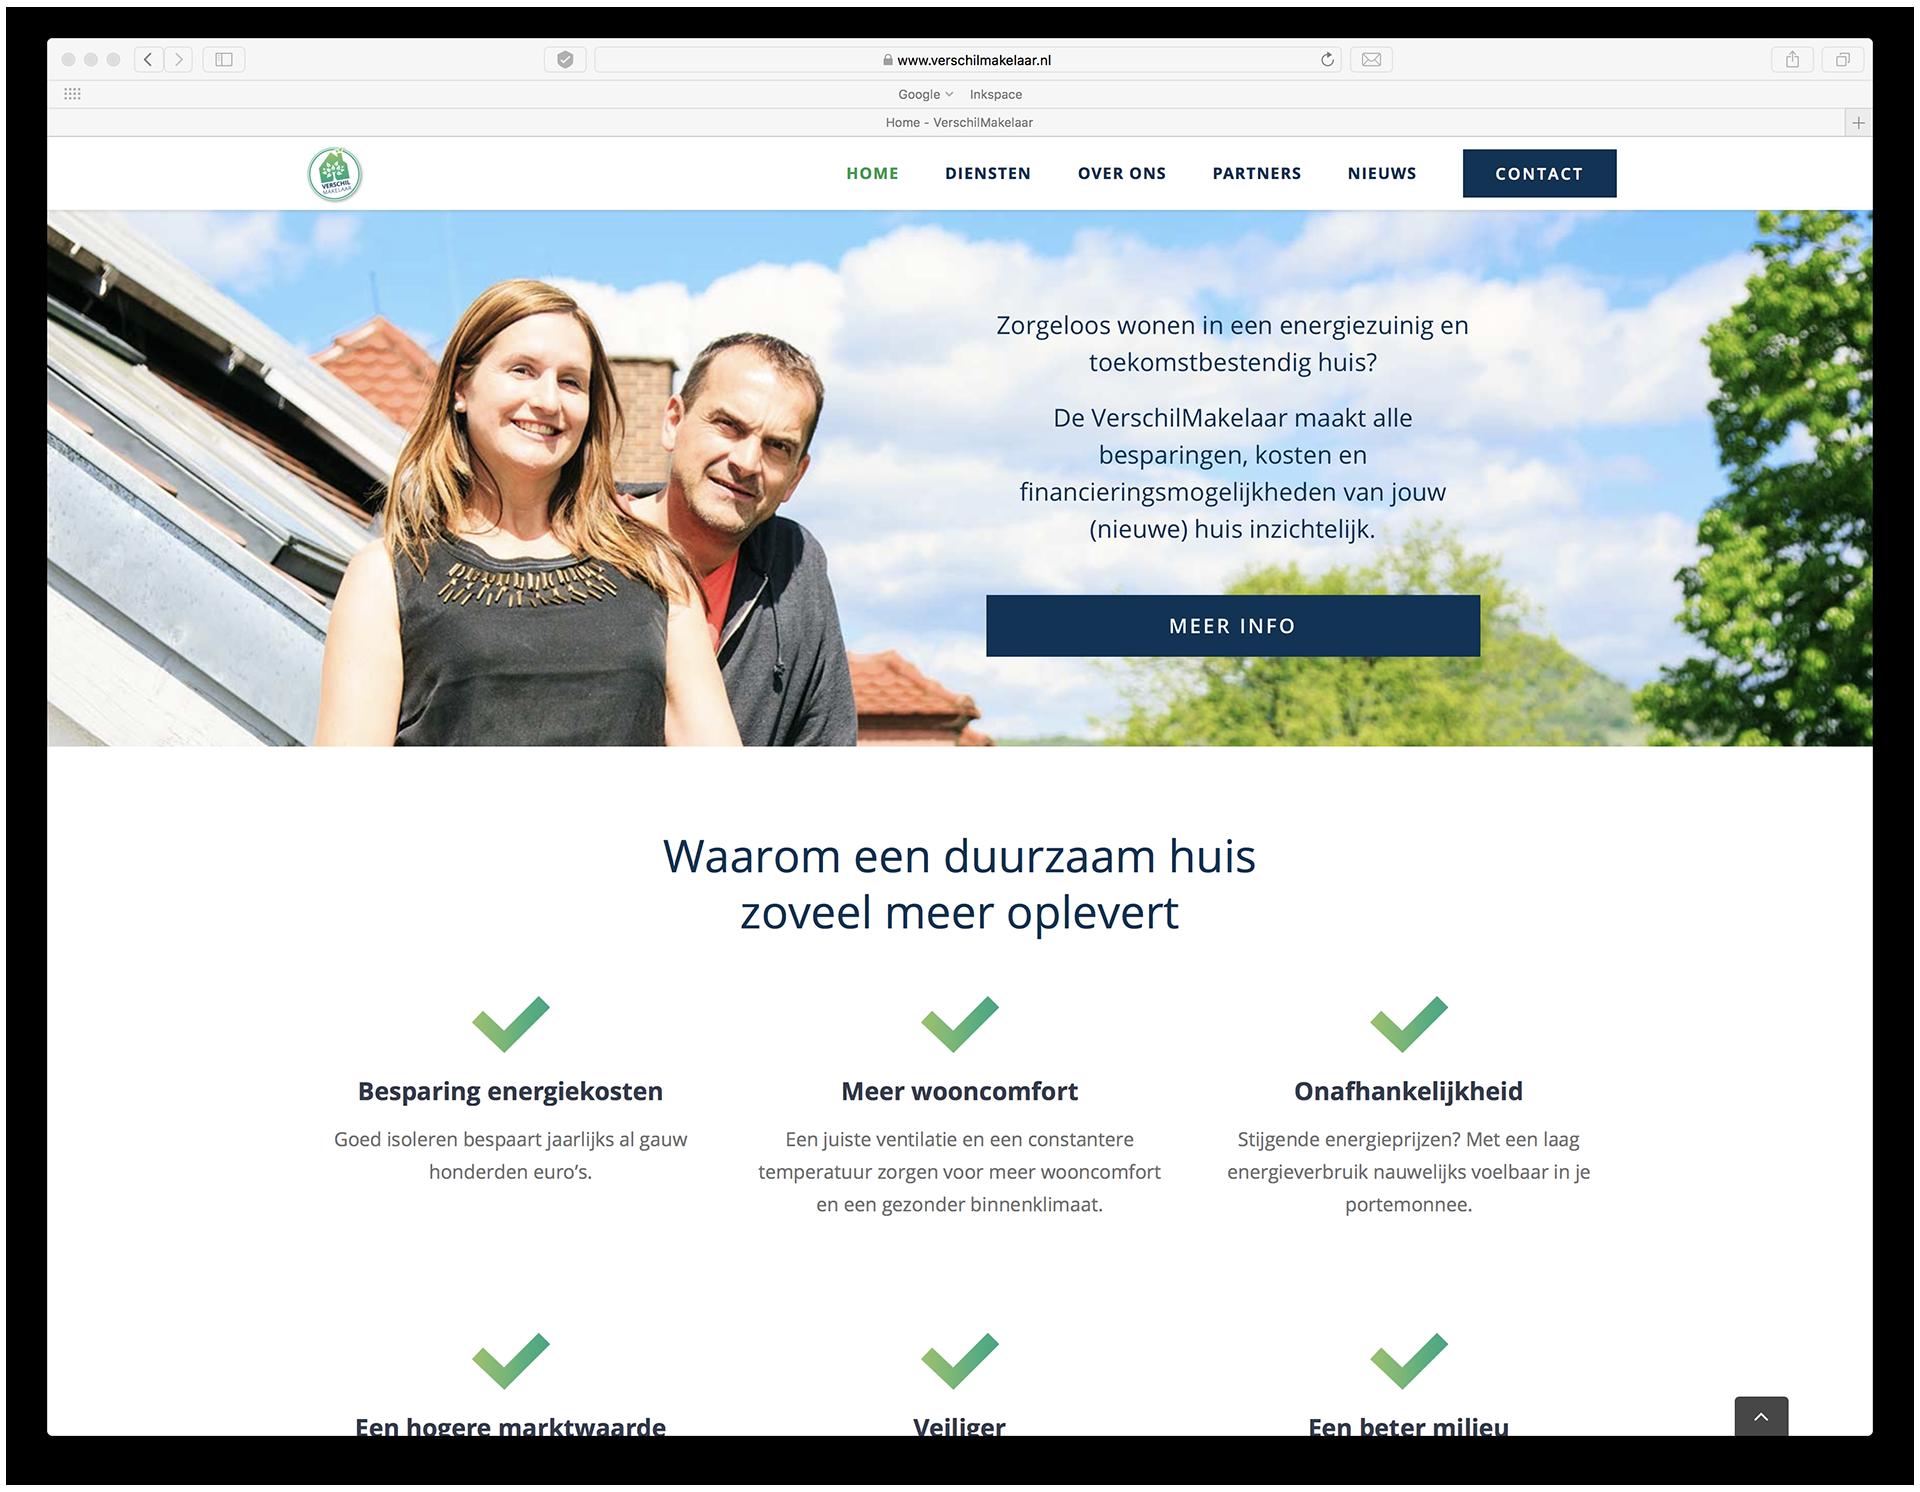 VerschilMakelaar-website3